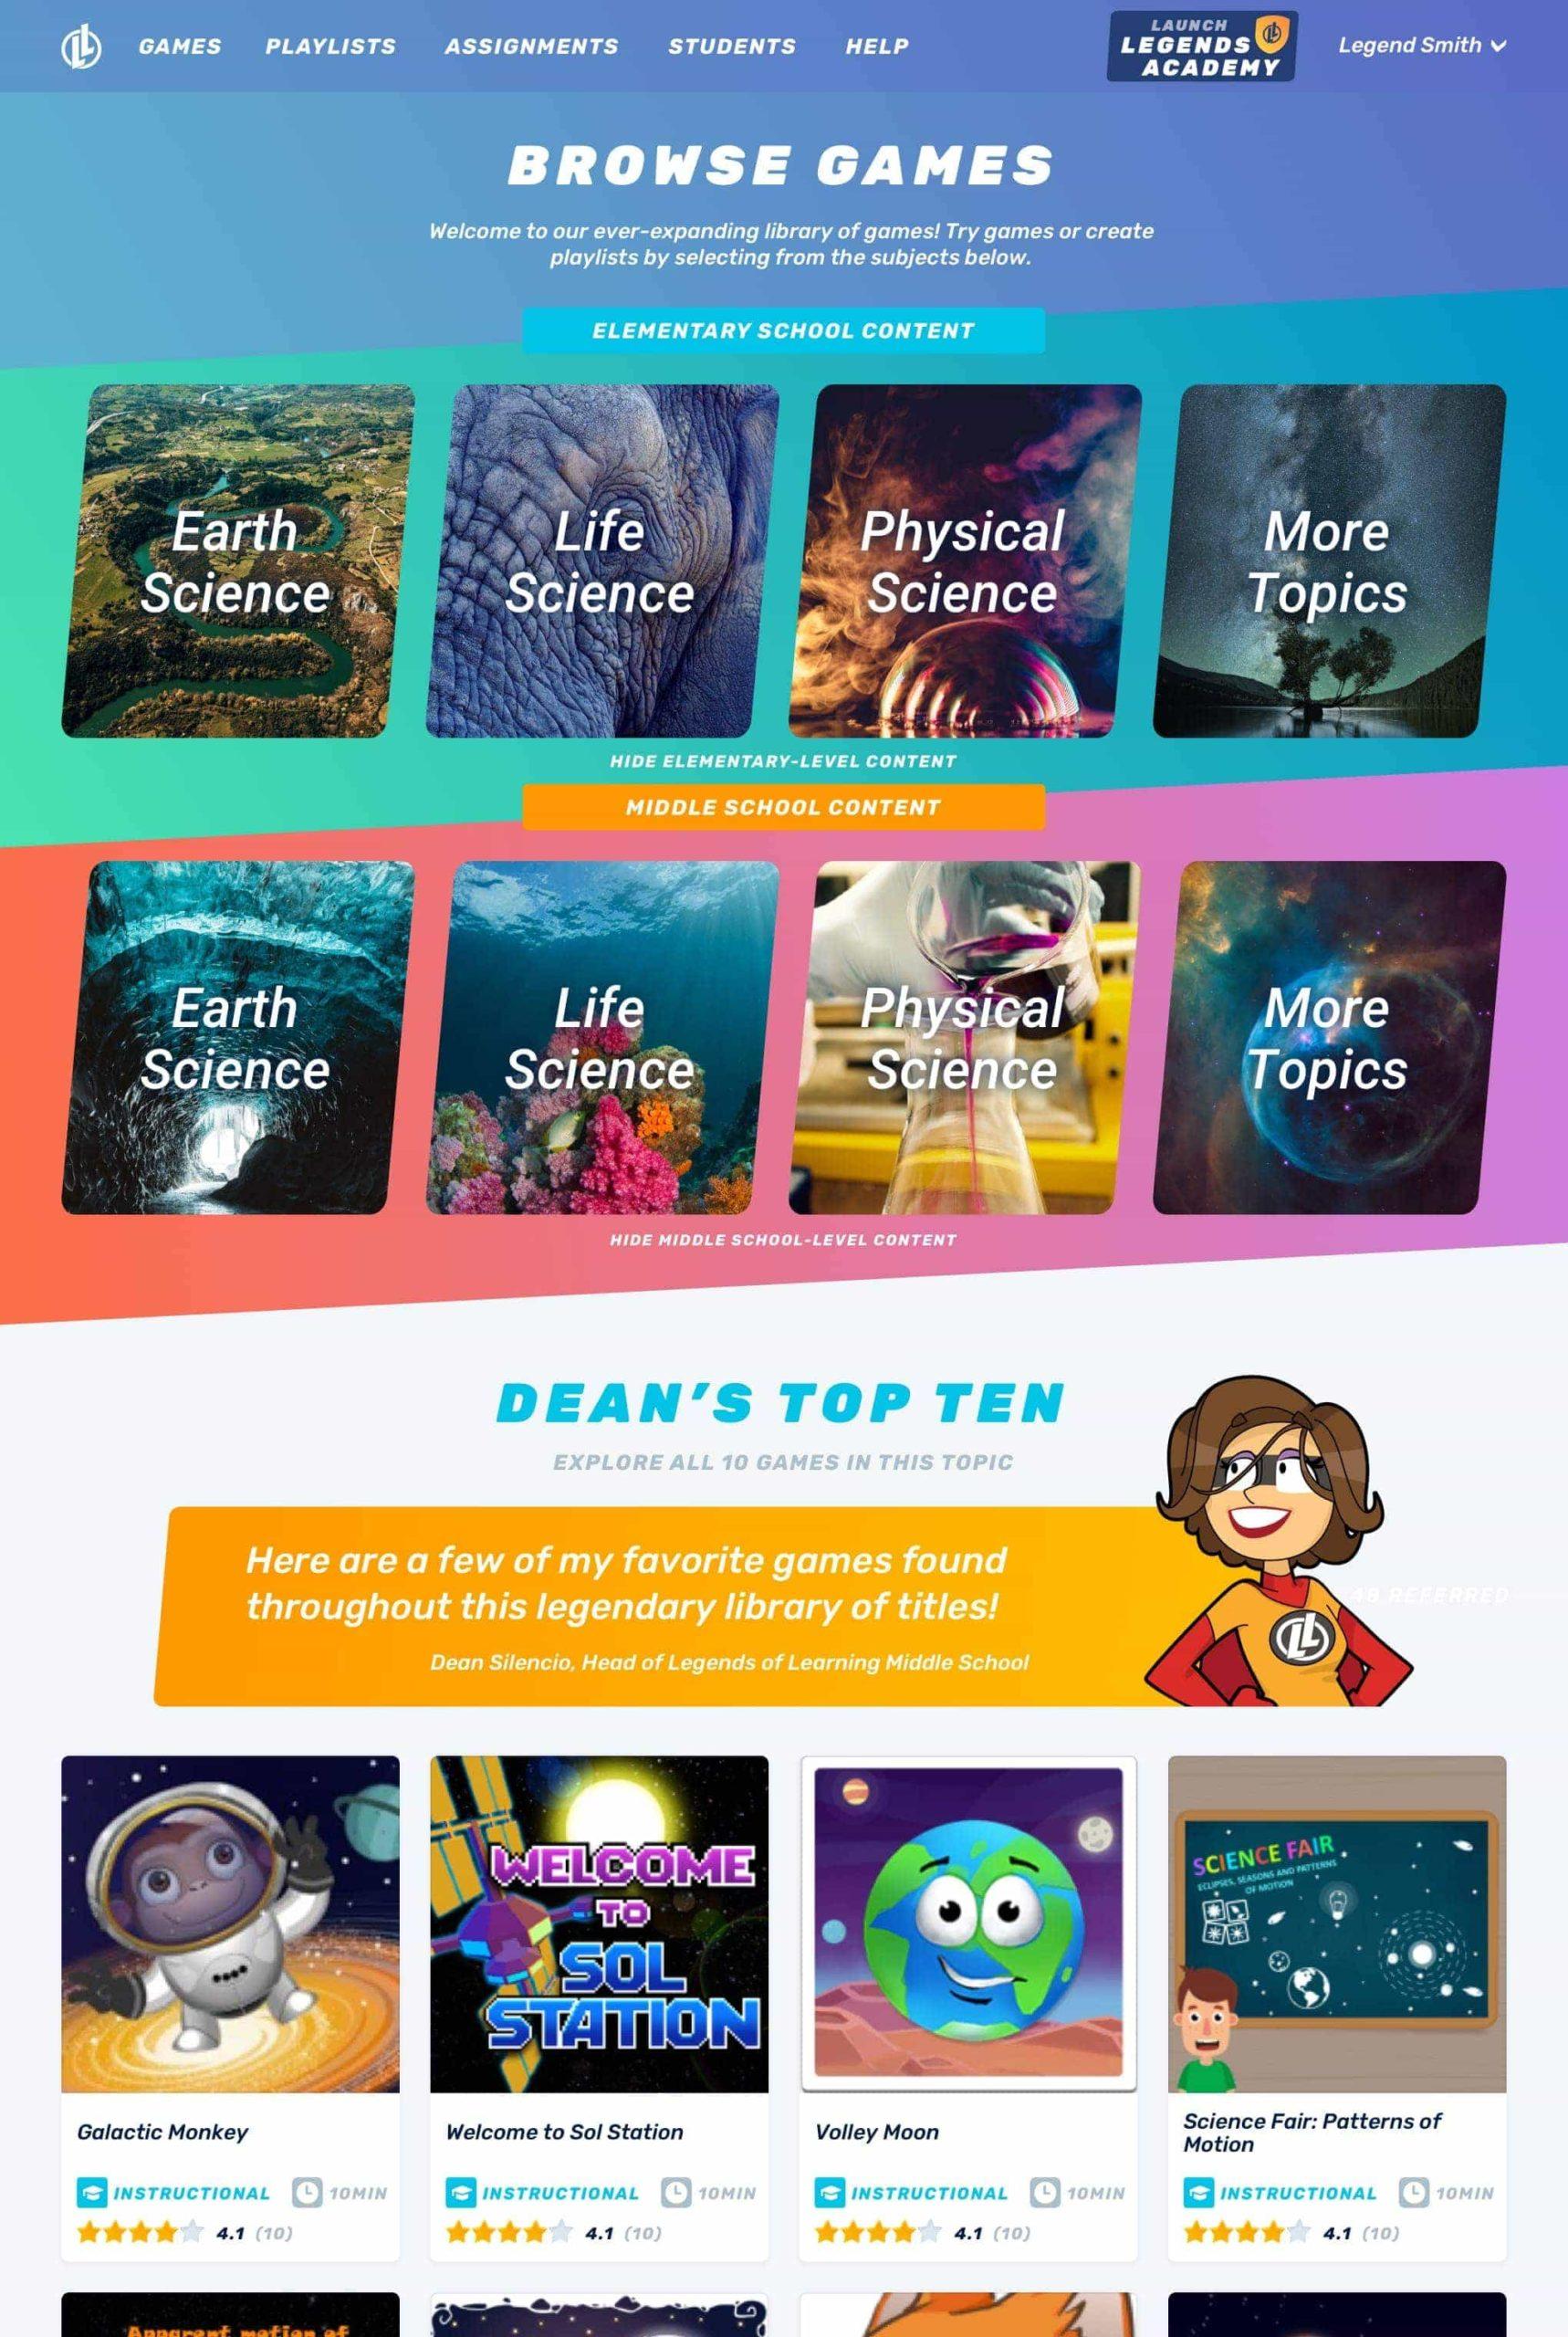 meng-he-legendsoflearning-Desktop-browse